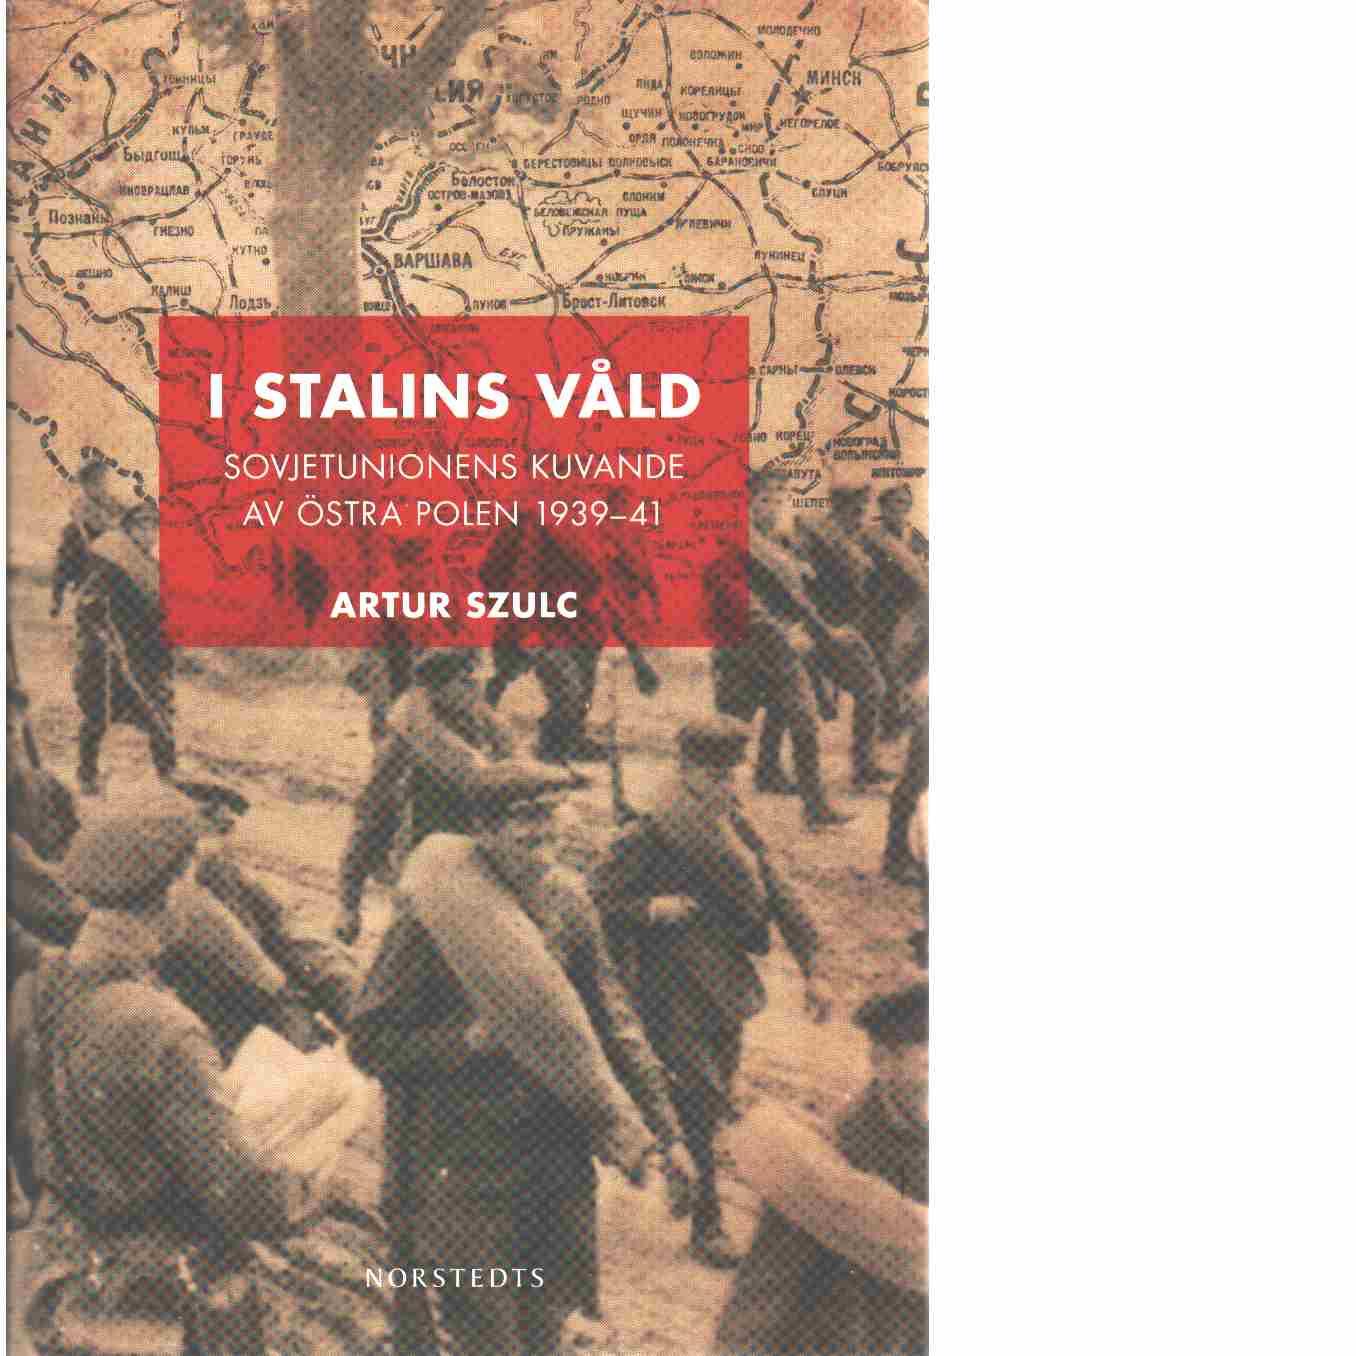 I Stalins våld : Sovjetunionens kuvande av östra Polen 1939-1941  - Szulc, Artur